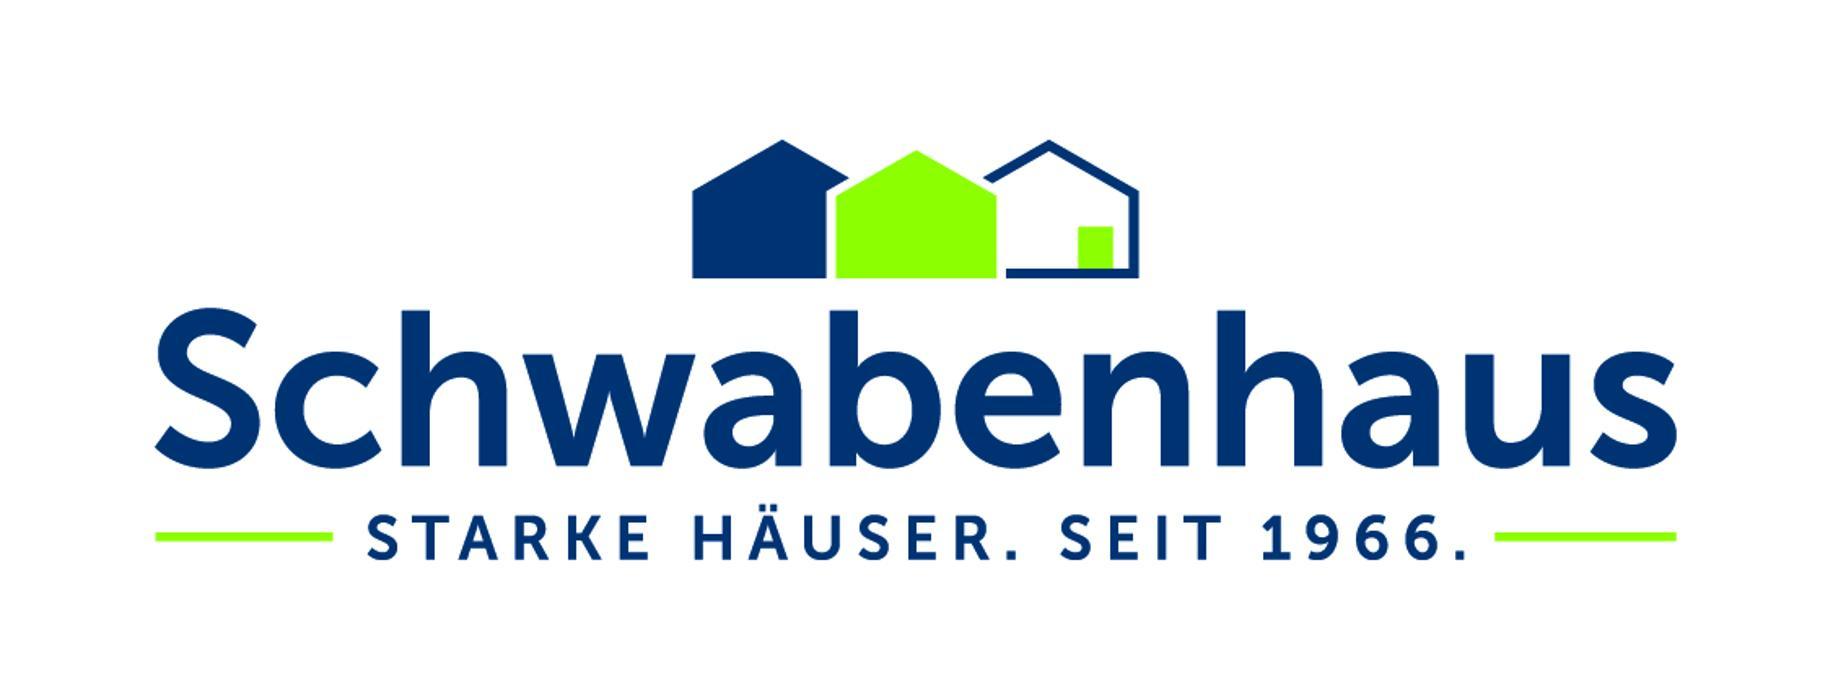 Schwabenhaus Musterhaus Nürnberg Heßdorf Im Gewerbepark 30